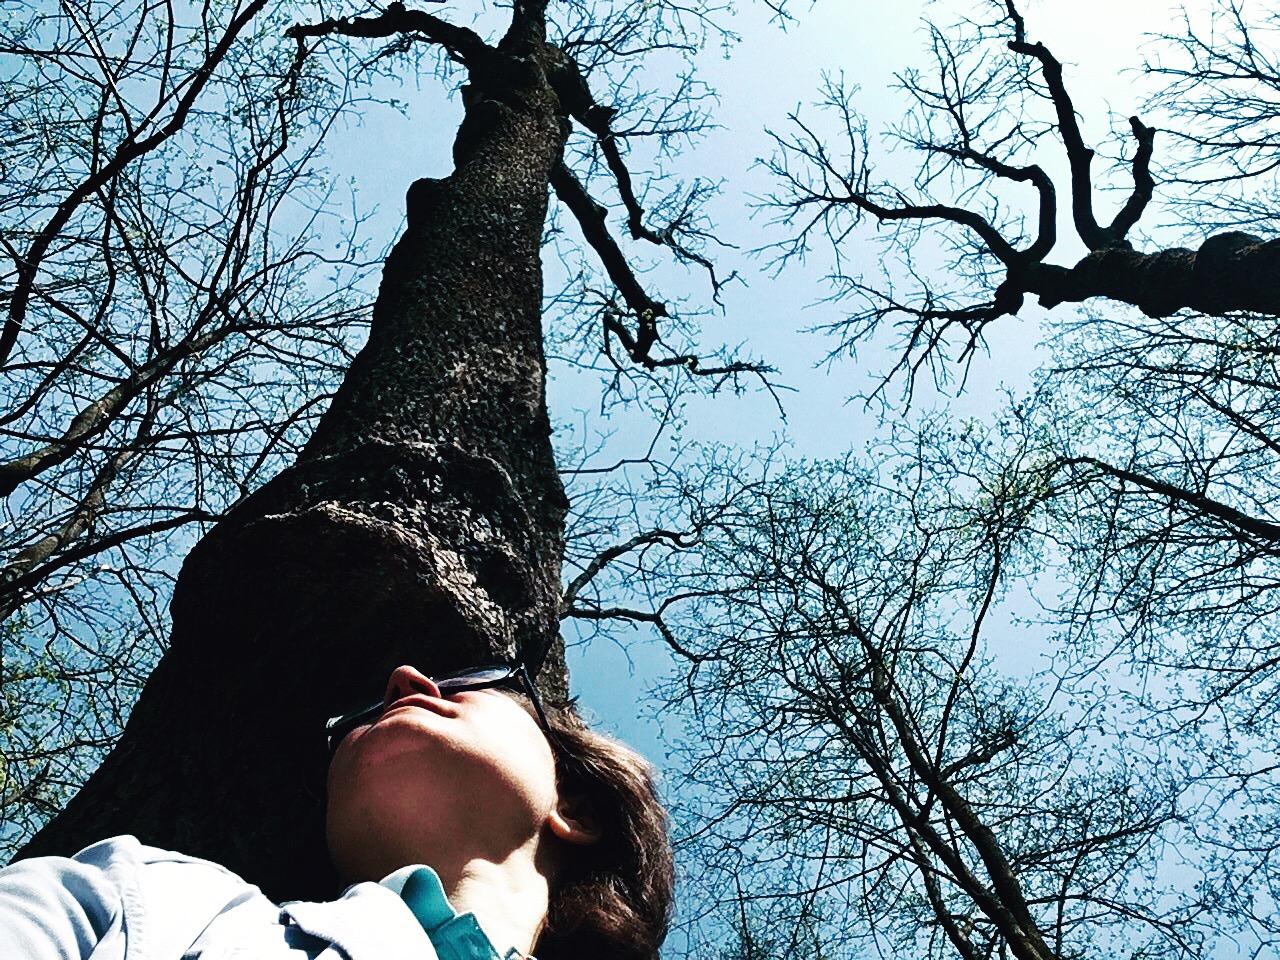 Колонка главного редактора журнала «Тверьлайф» Юлии Овсянниковой: о фотографии и не только